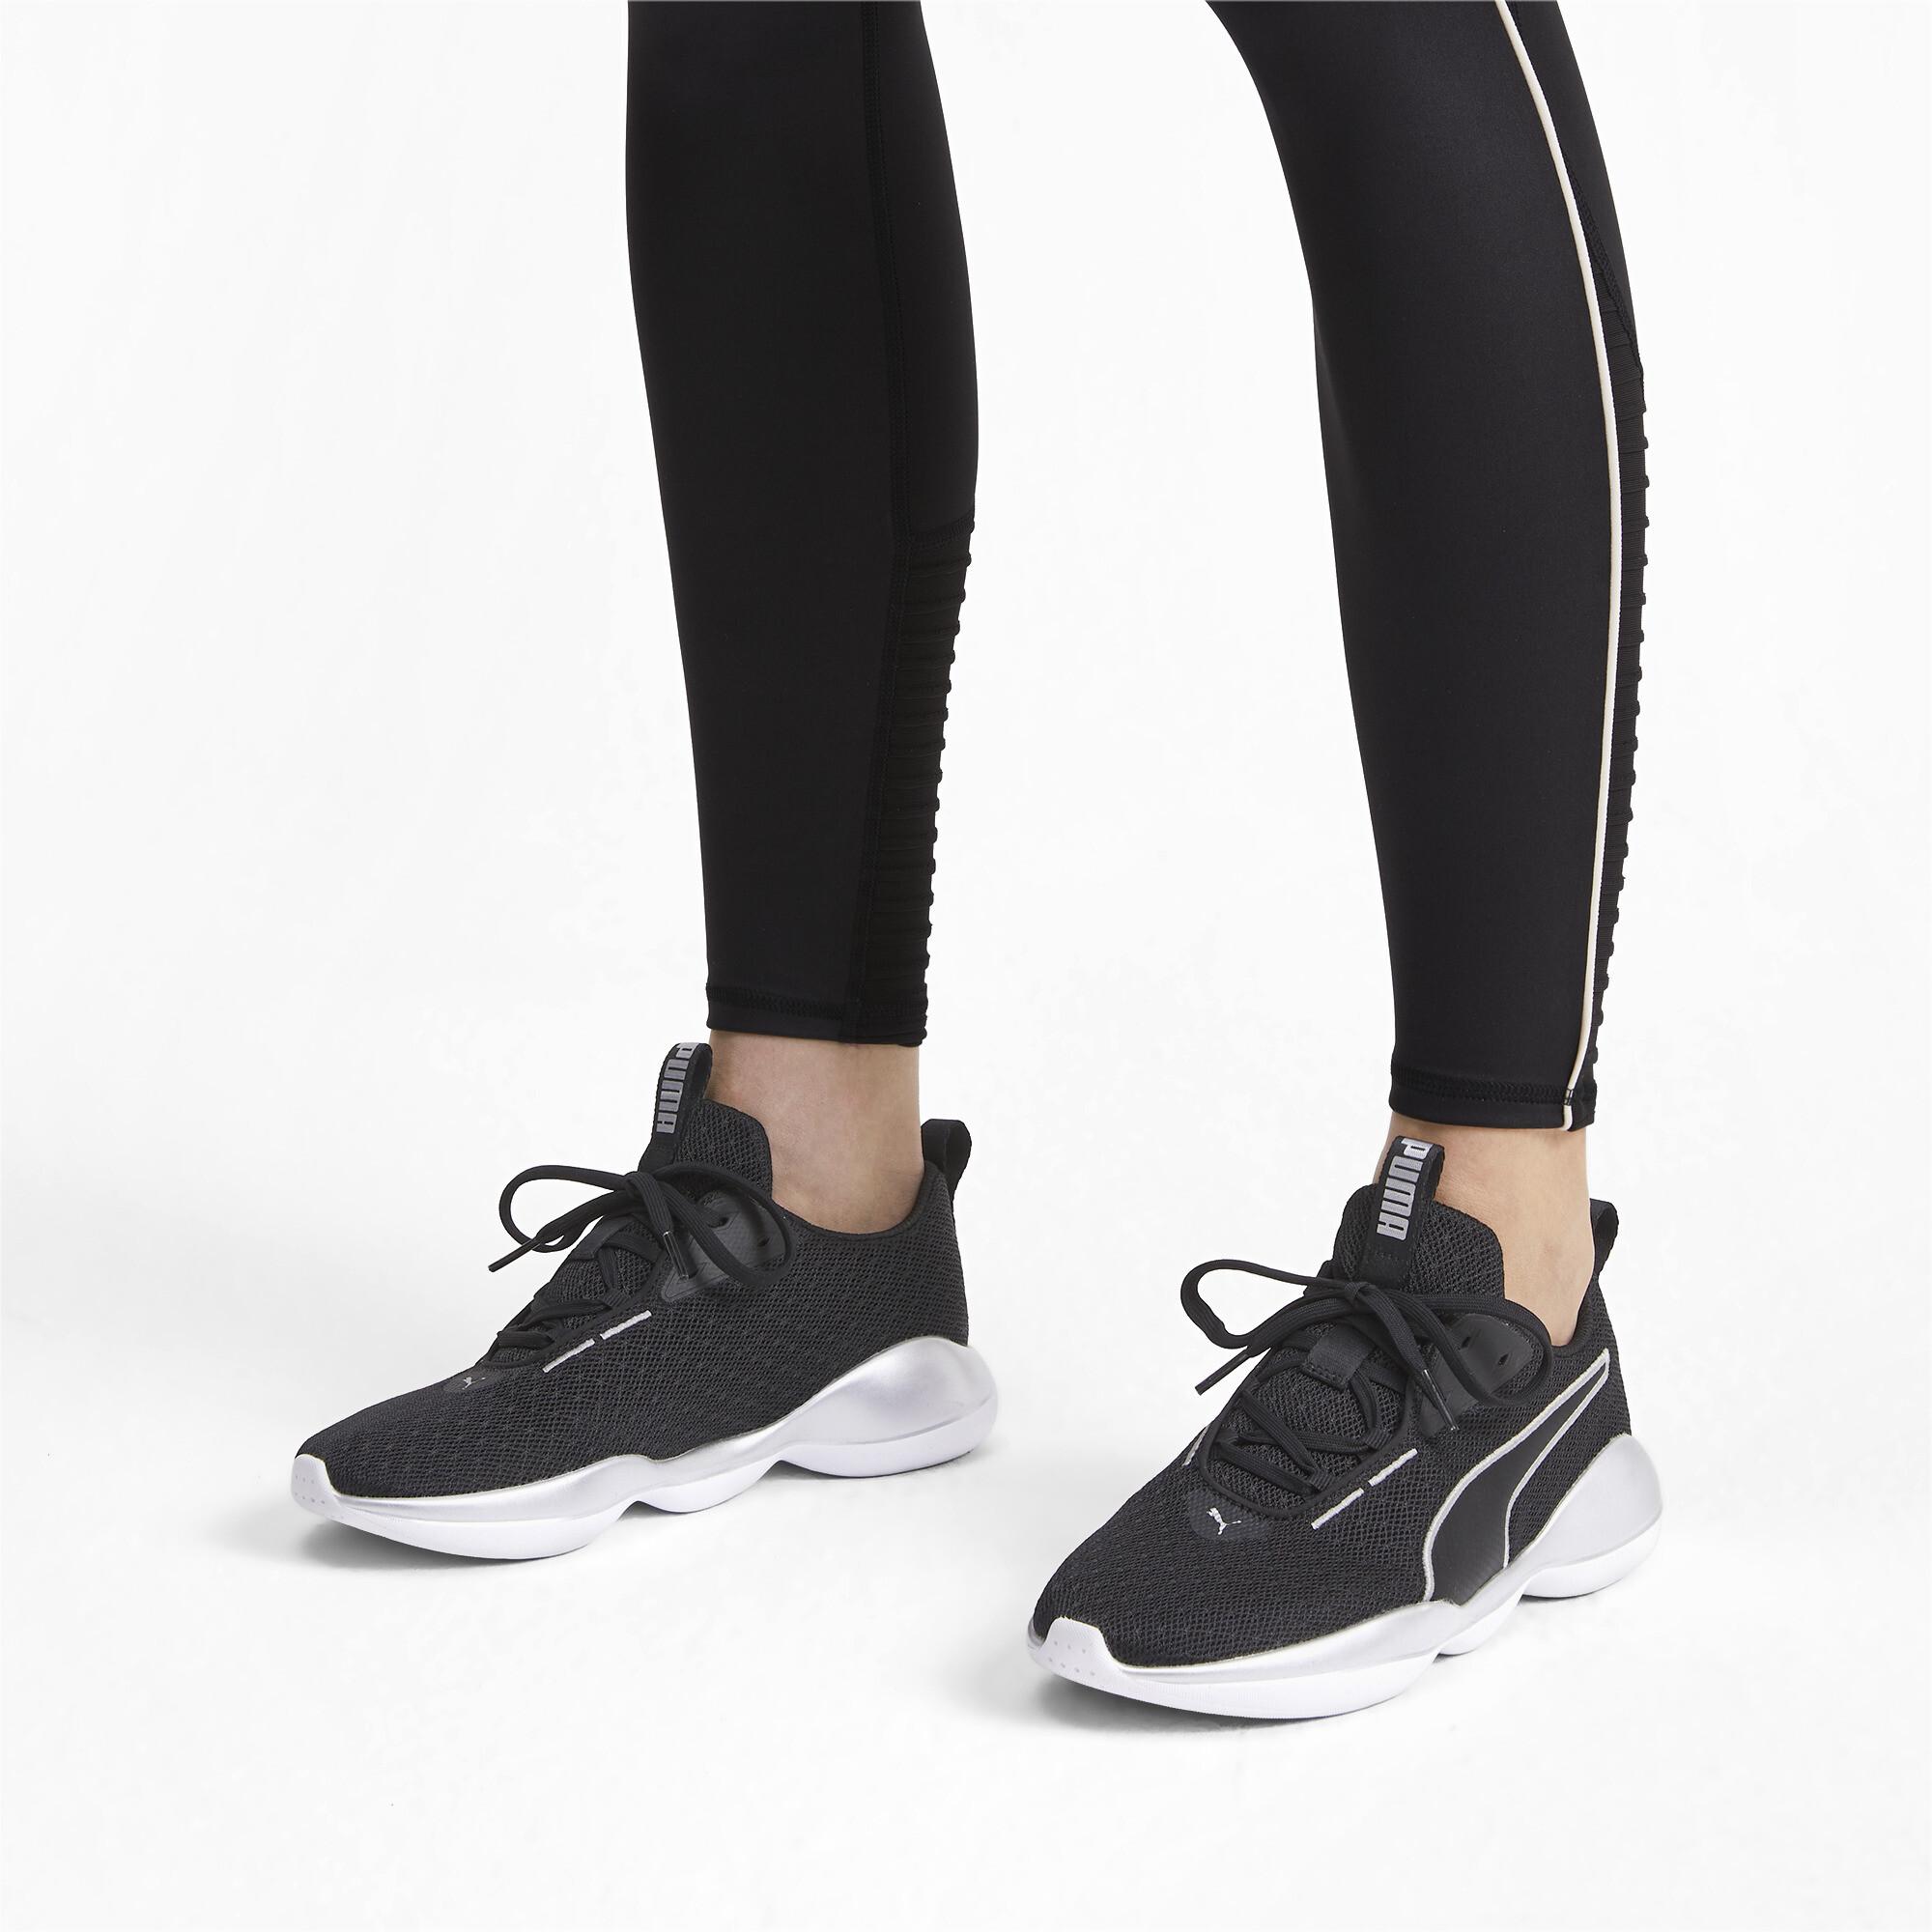 PUMA-Flourish-FS-Women-039-s-Training-Shoes-Women-Shoe-Training thumbnail 26